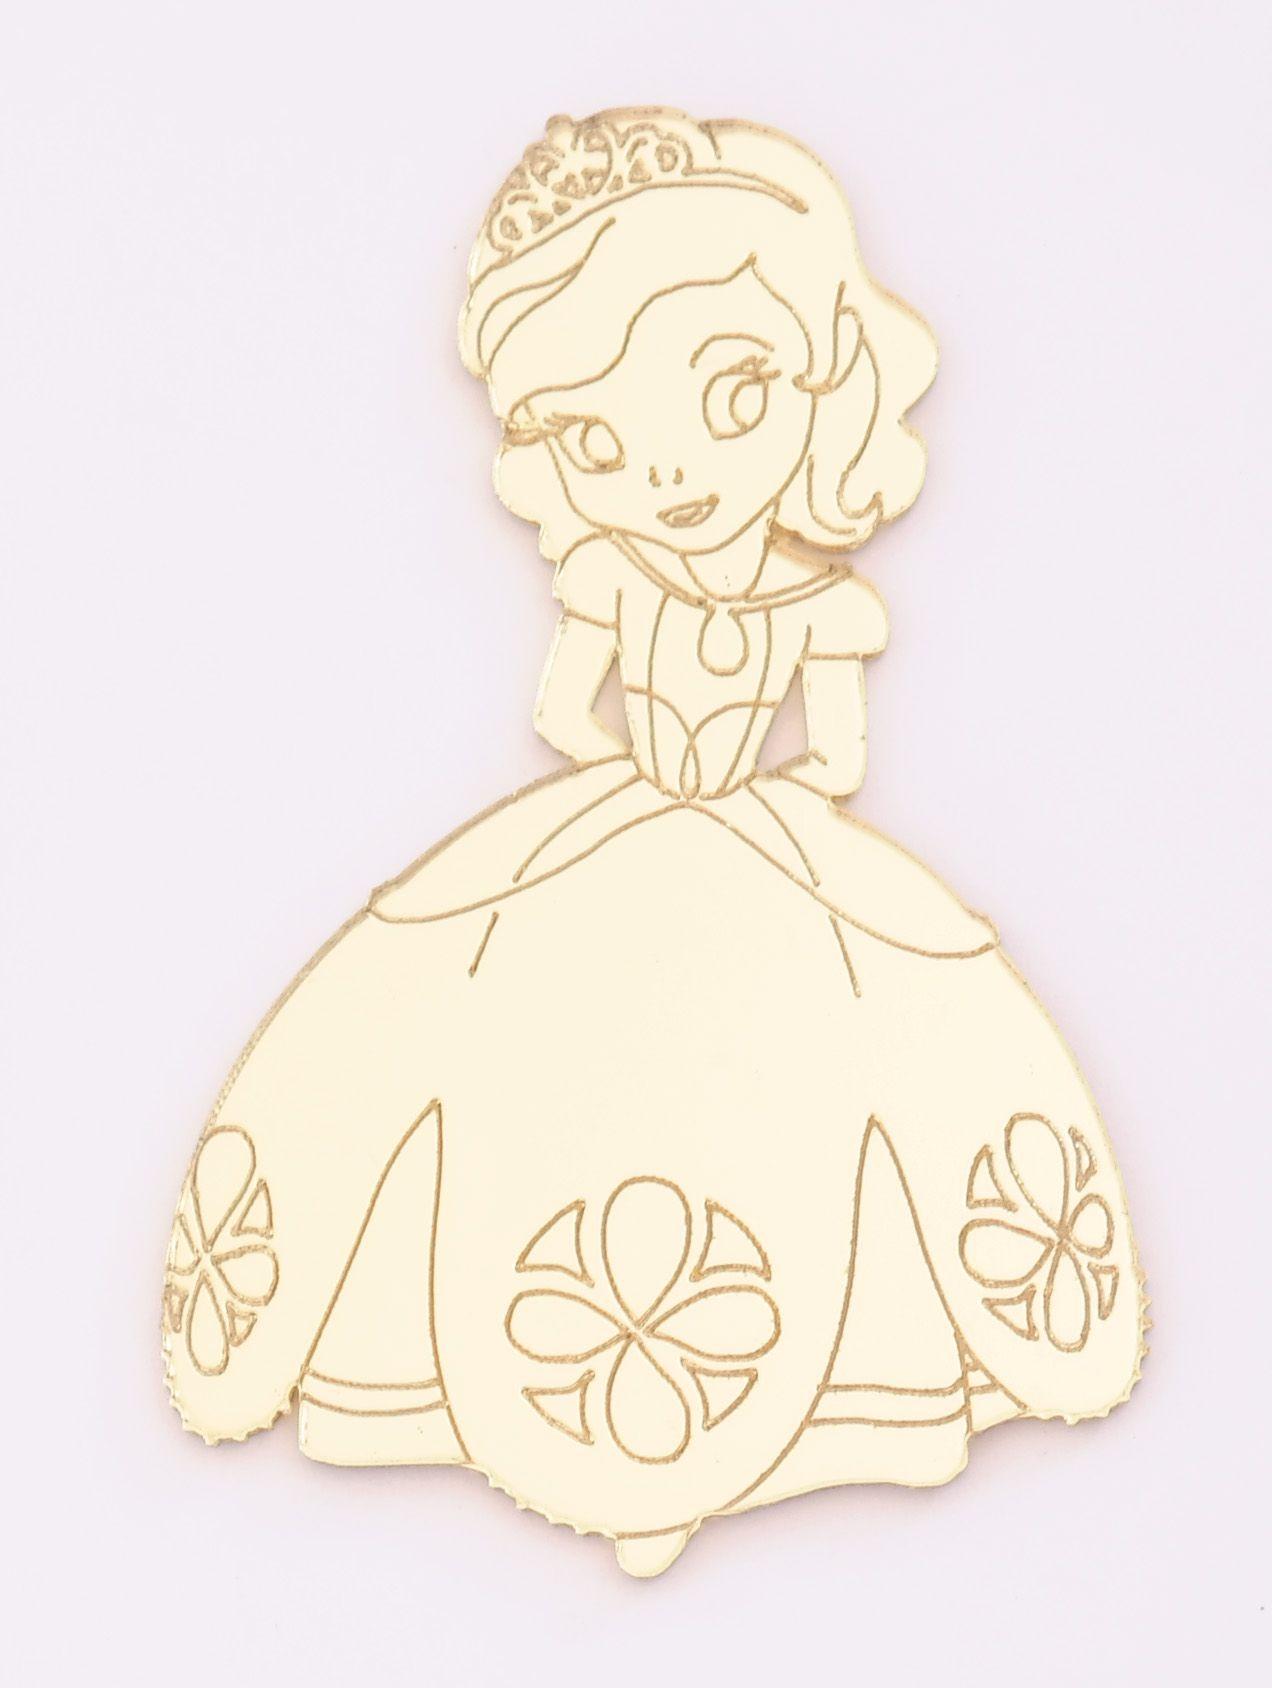 Aplique em acrílico espelhado - Princesa Sophia - 7cm - 10 peças